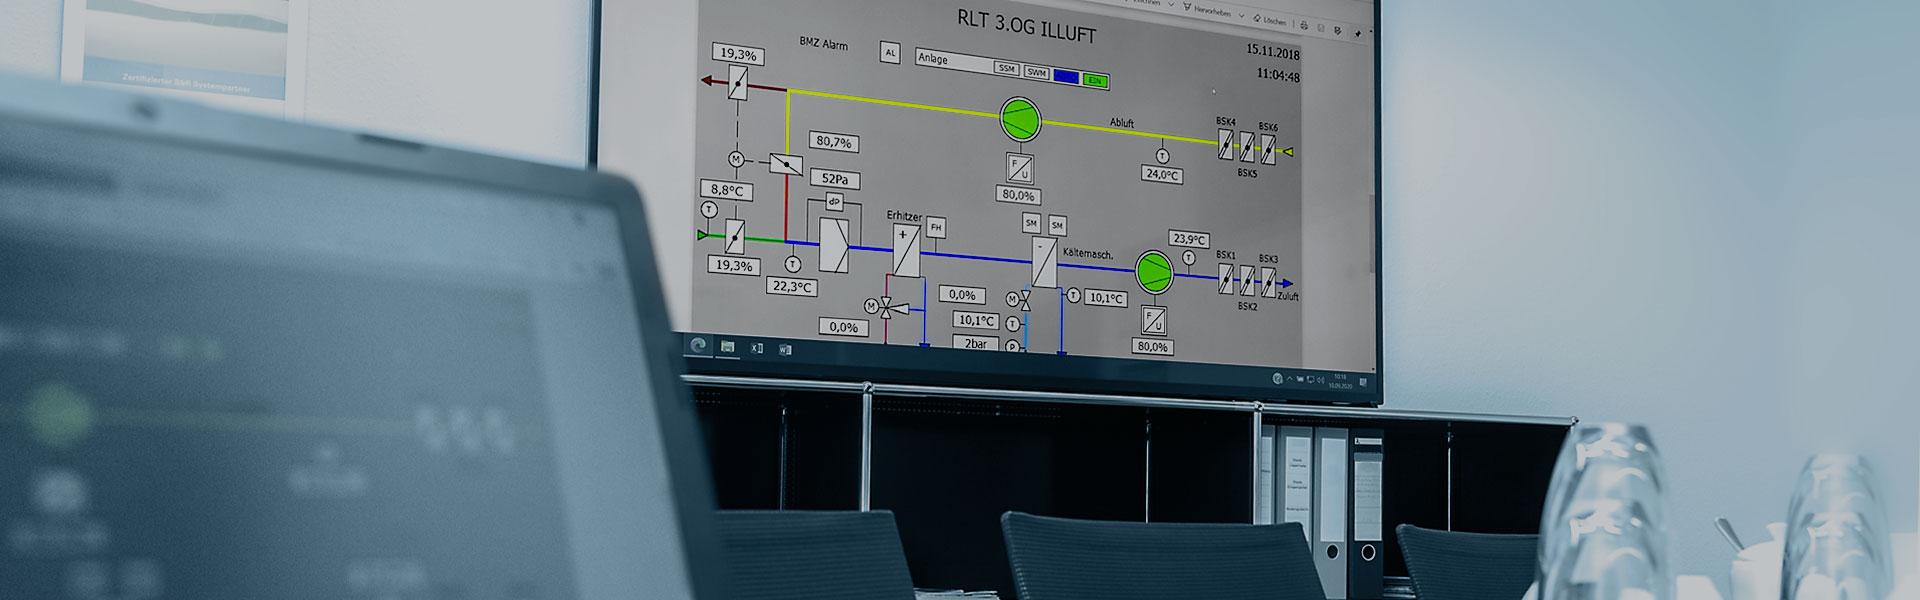 Online IAT Anlagenvisualisierung